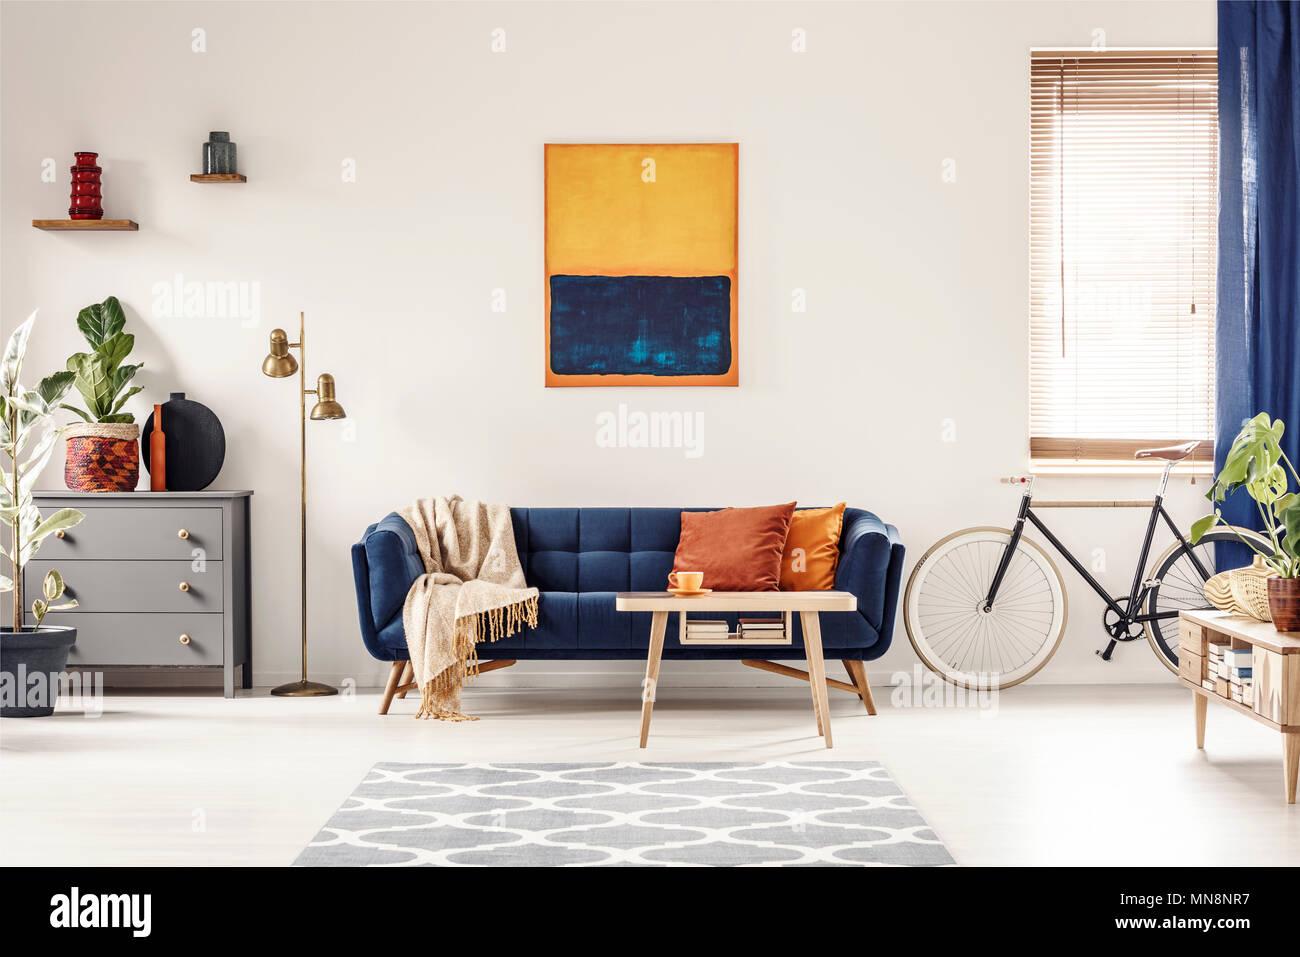 Peinture Jaune Et Bleu Accroché Sur Mur Blanc Dans La Salle De